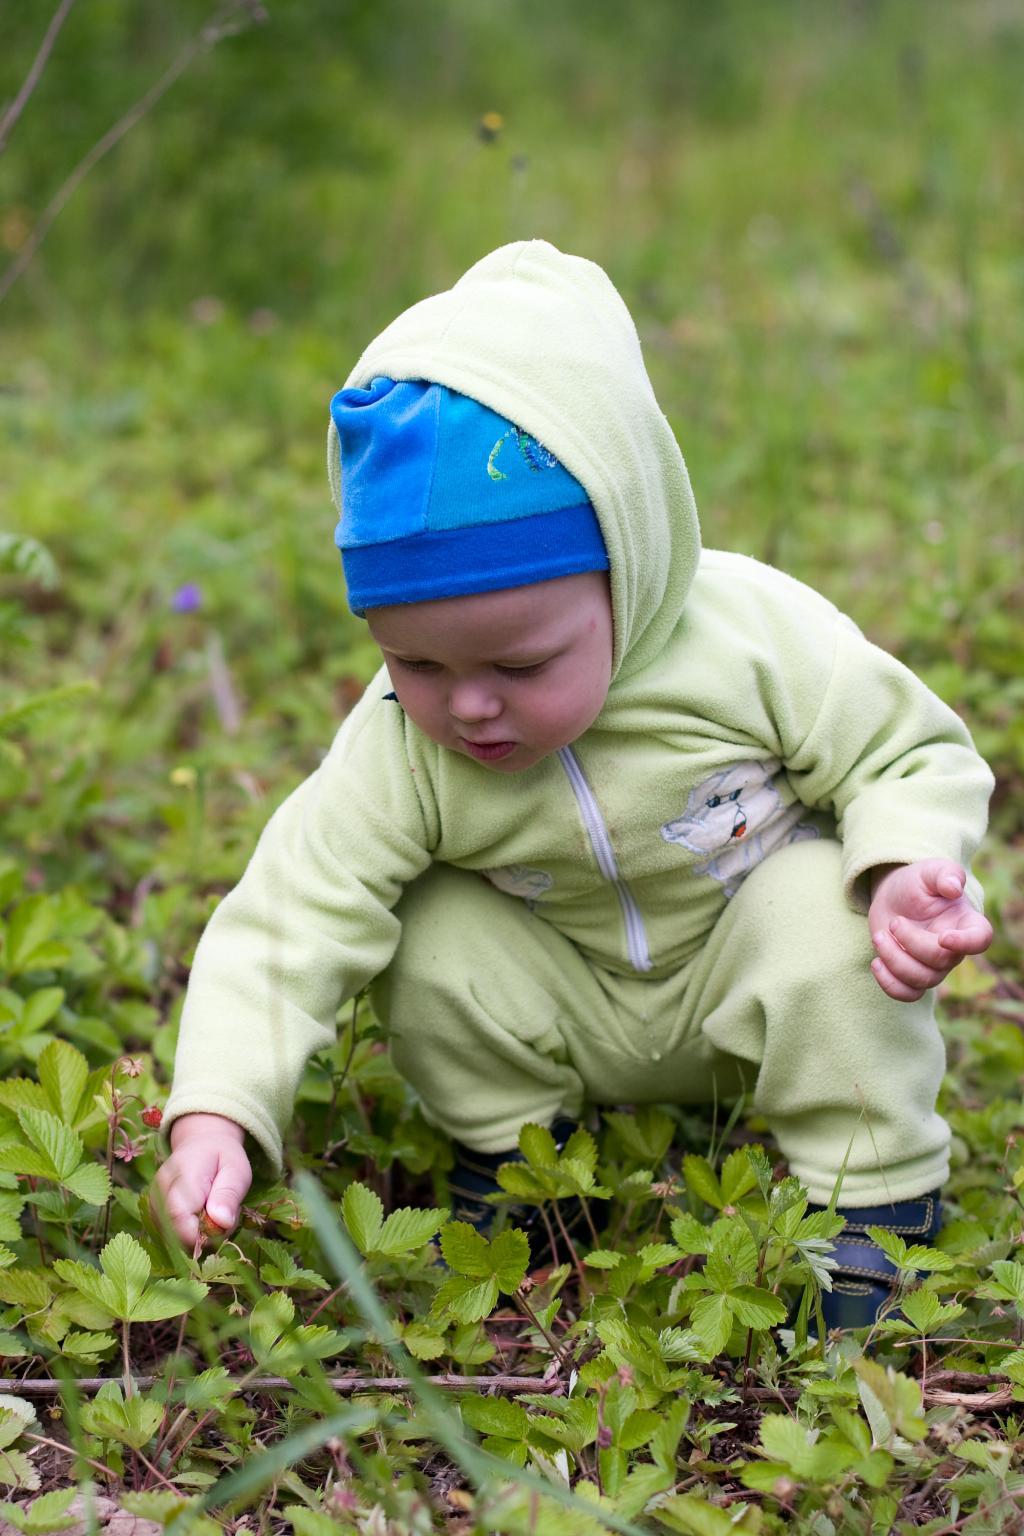 Сладкий мальчик и сладкая ягодка. Юный натуралист